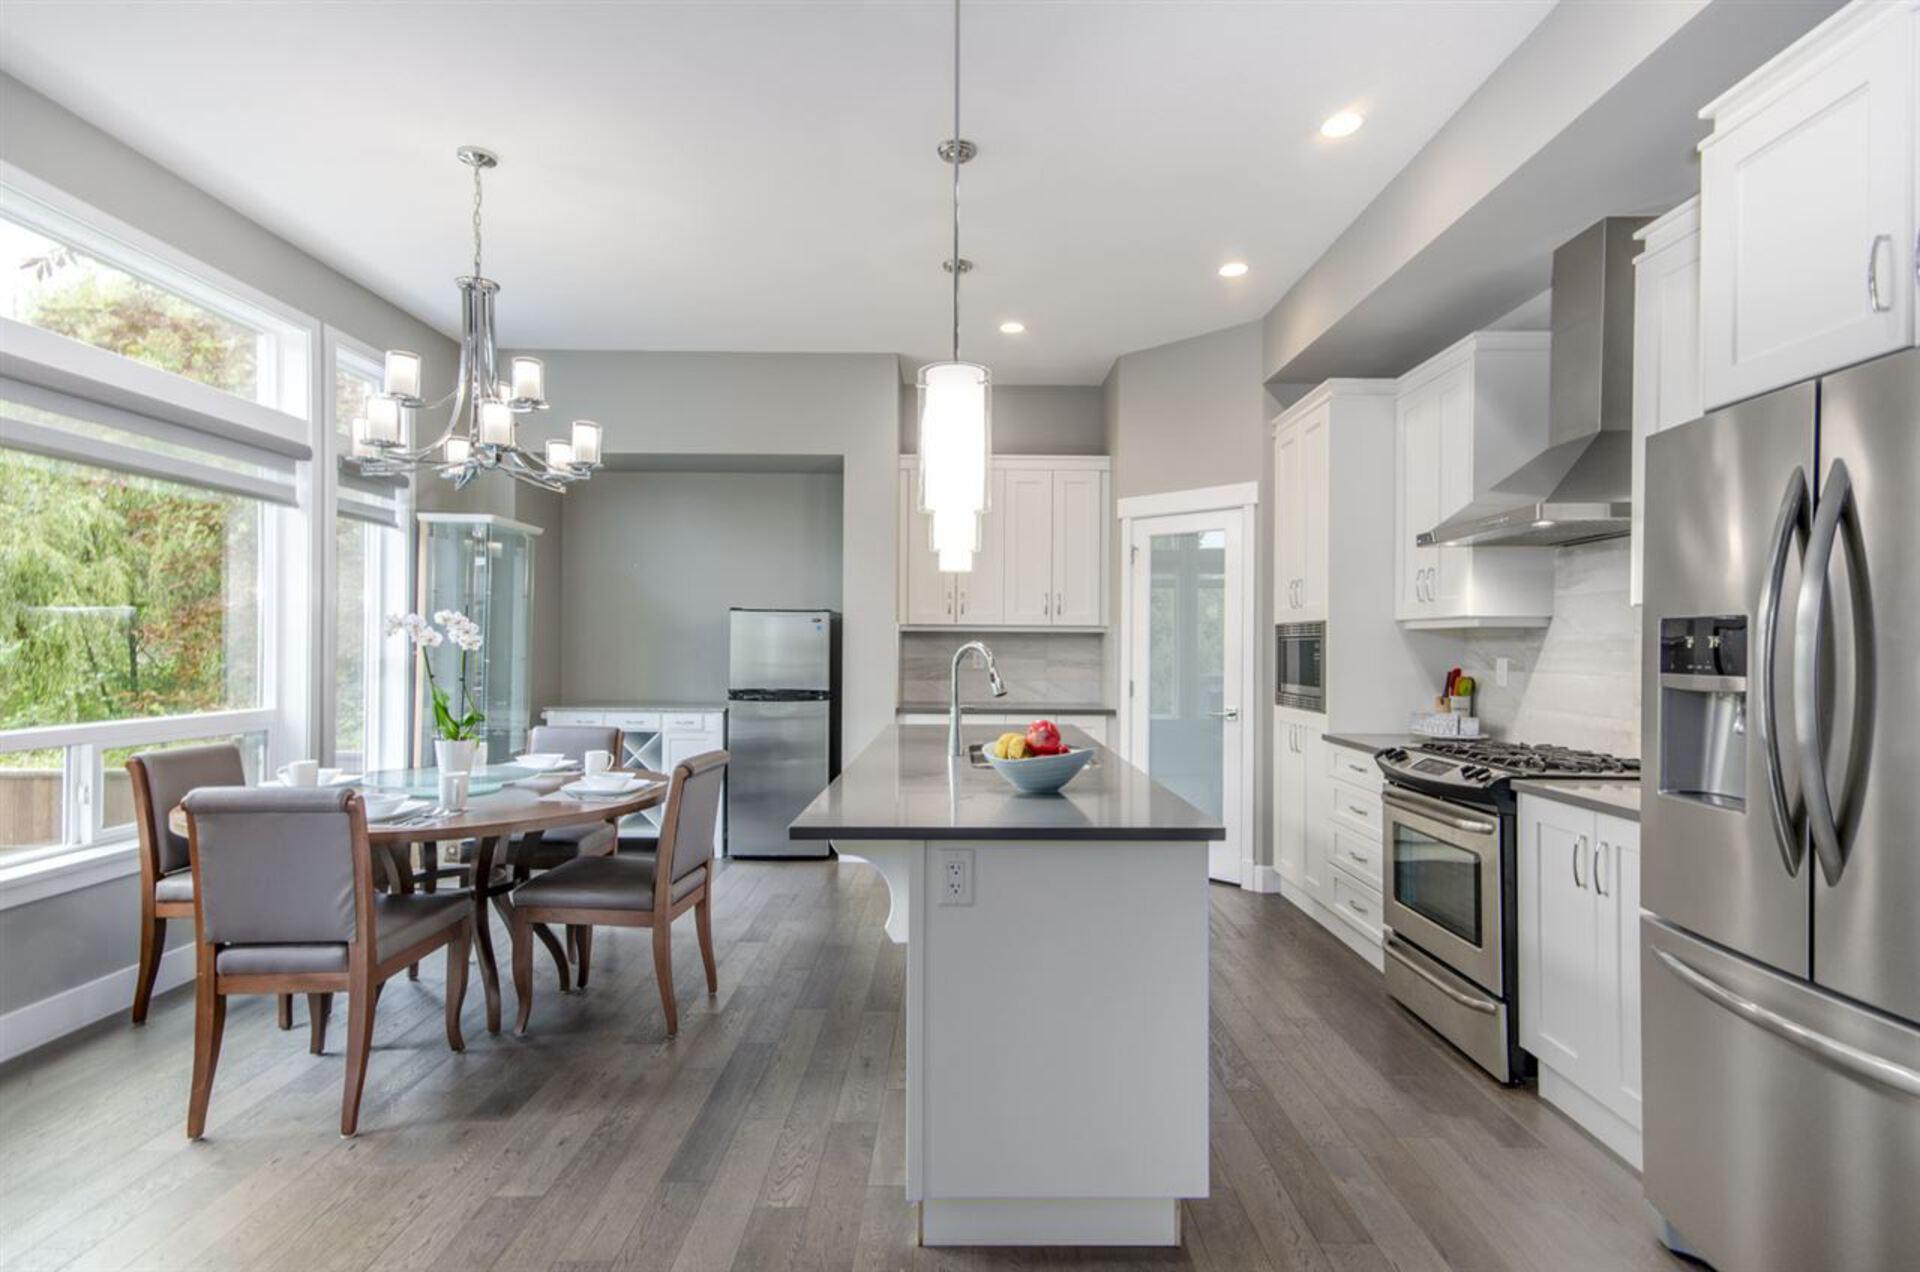 18049-67a-avenue-cloverdale-bc-cloverdale-09 at 18049 67a Avenue, Cloverdale BC, Cloverdale